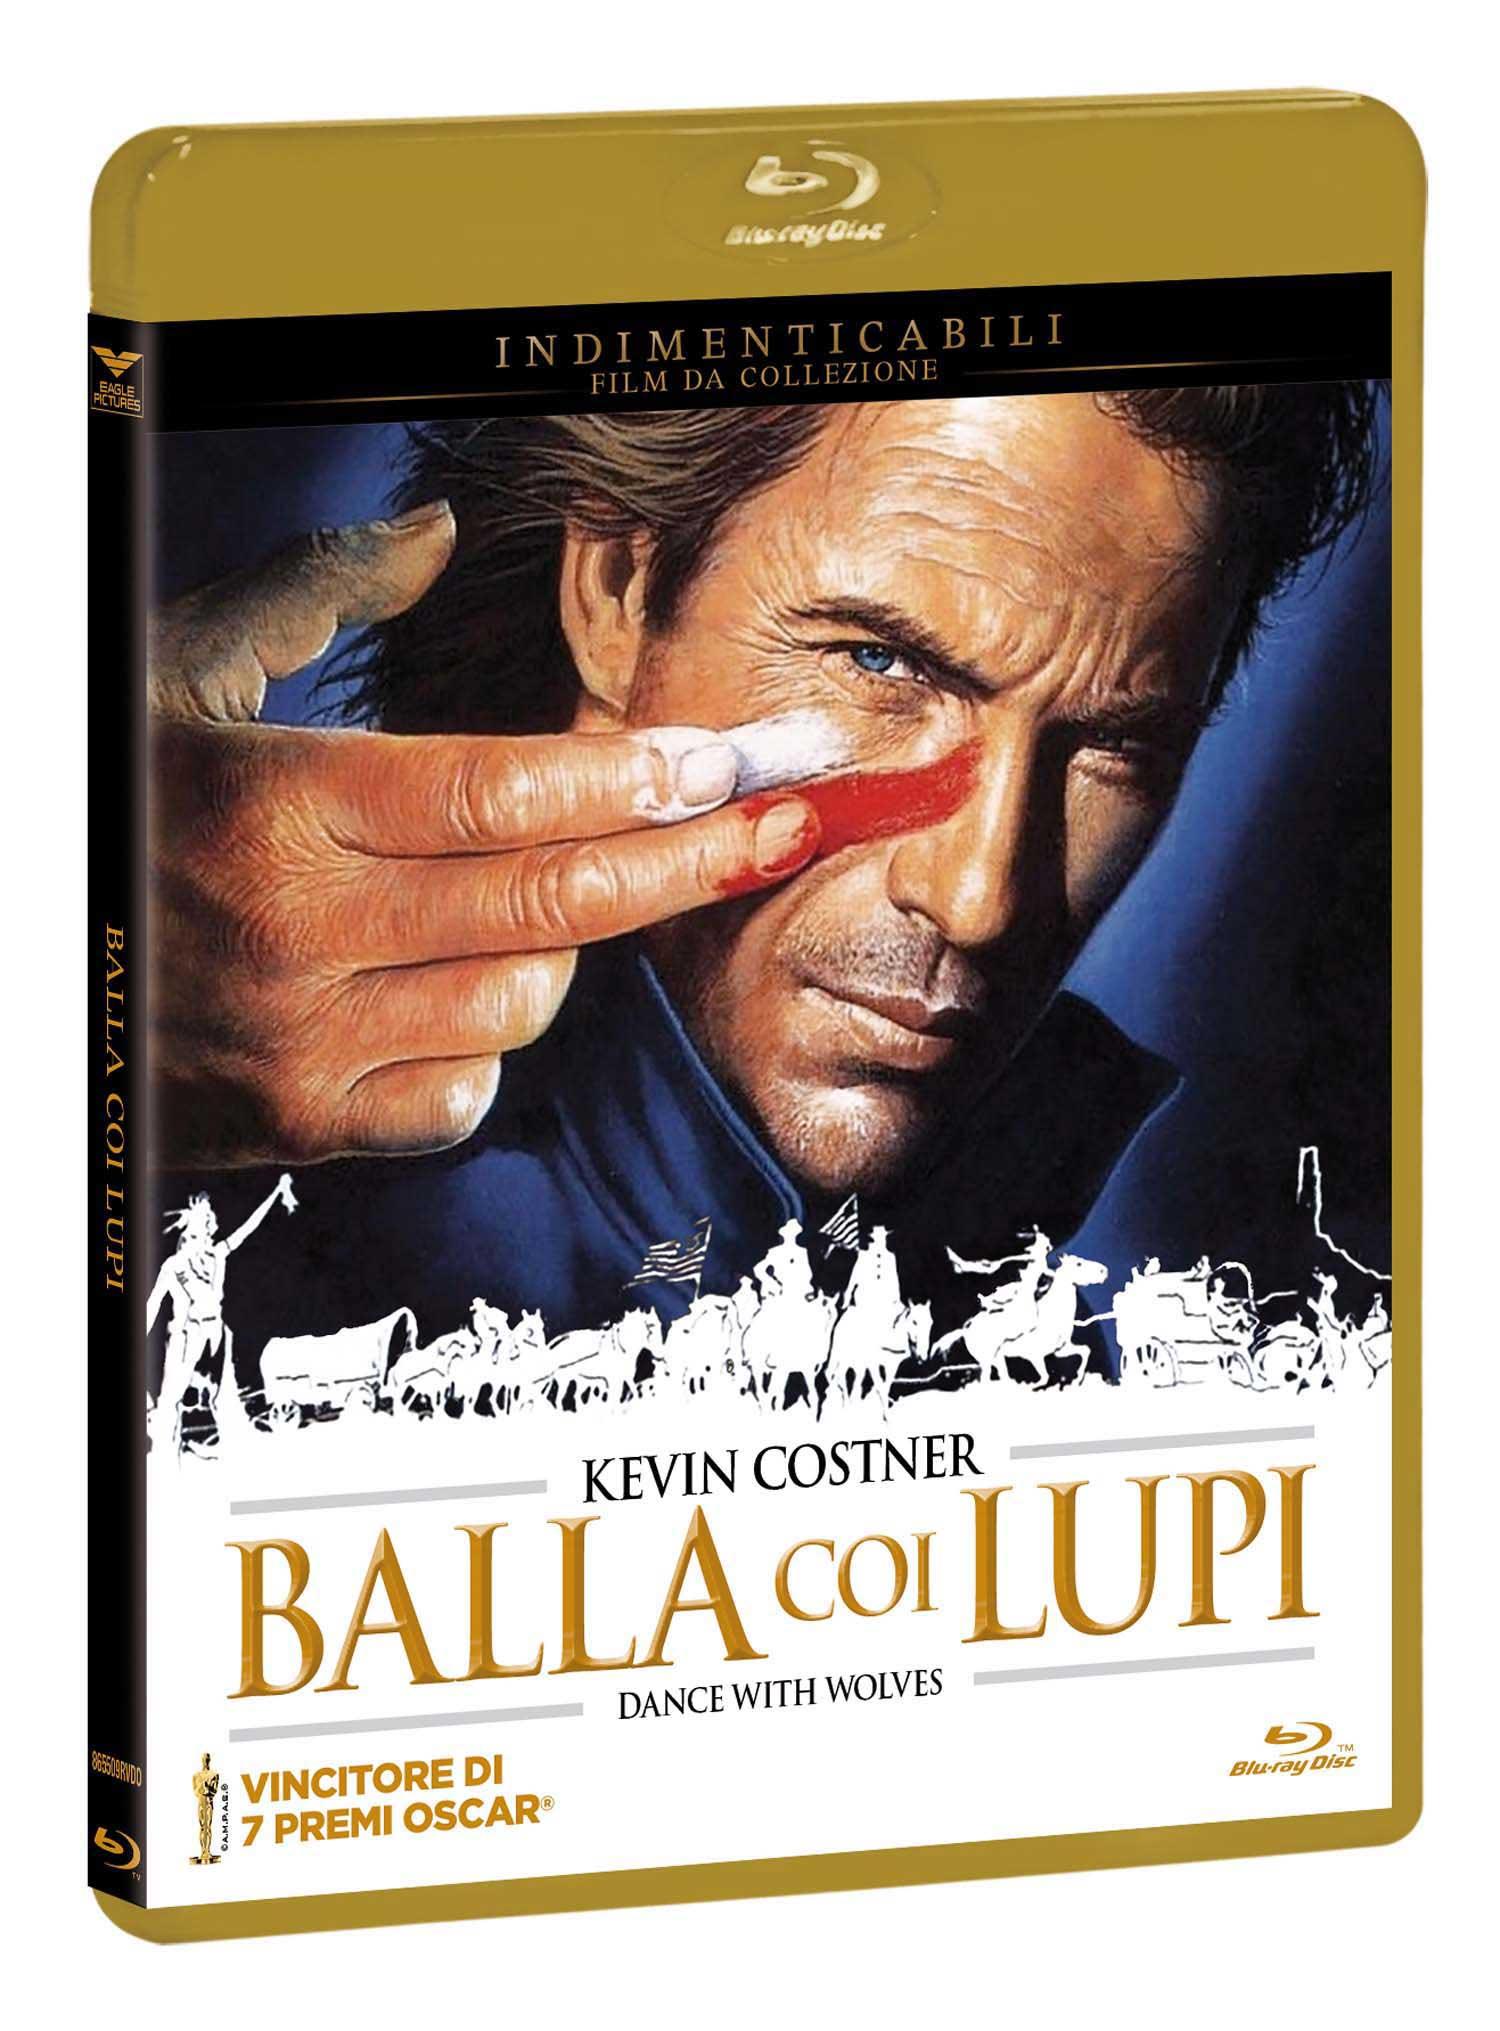 BALLA COI LUPI (INDIMENTICABILI) - BLU RAY